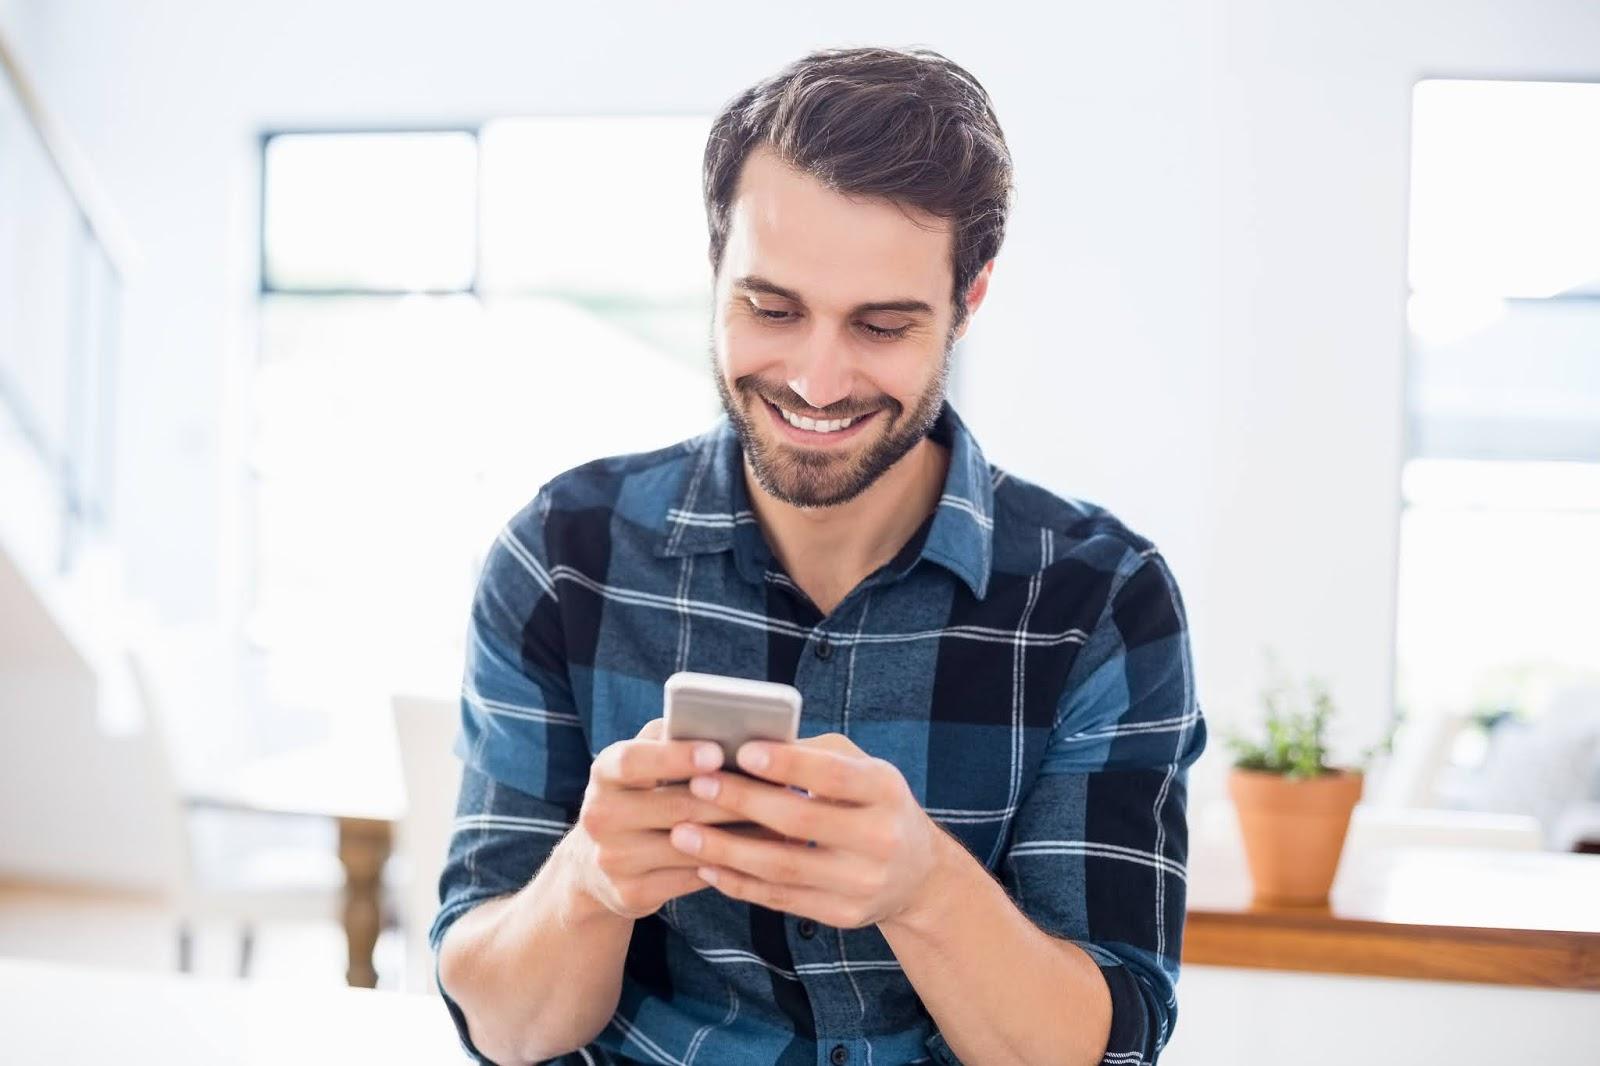 Mann, der am Handy nur mal eben die Uhrzeit nachschauen wollte, chattet acht Minuten auf WhatsApp, schaut drei YouTube-Videos und liest einen Artikel über Peru, weiß aber am Ende immer noch nicht, wie spät es ist